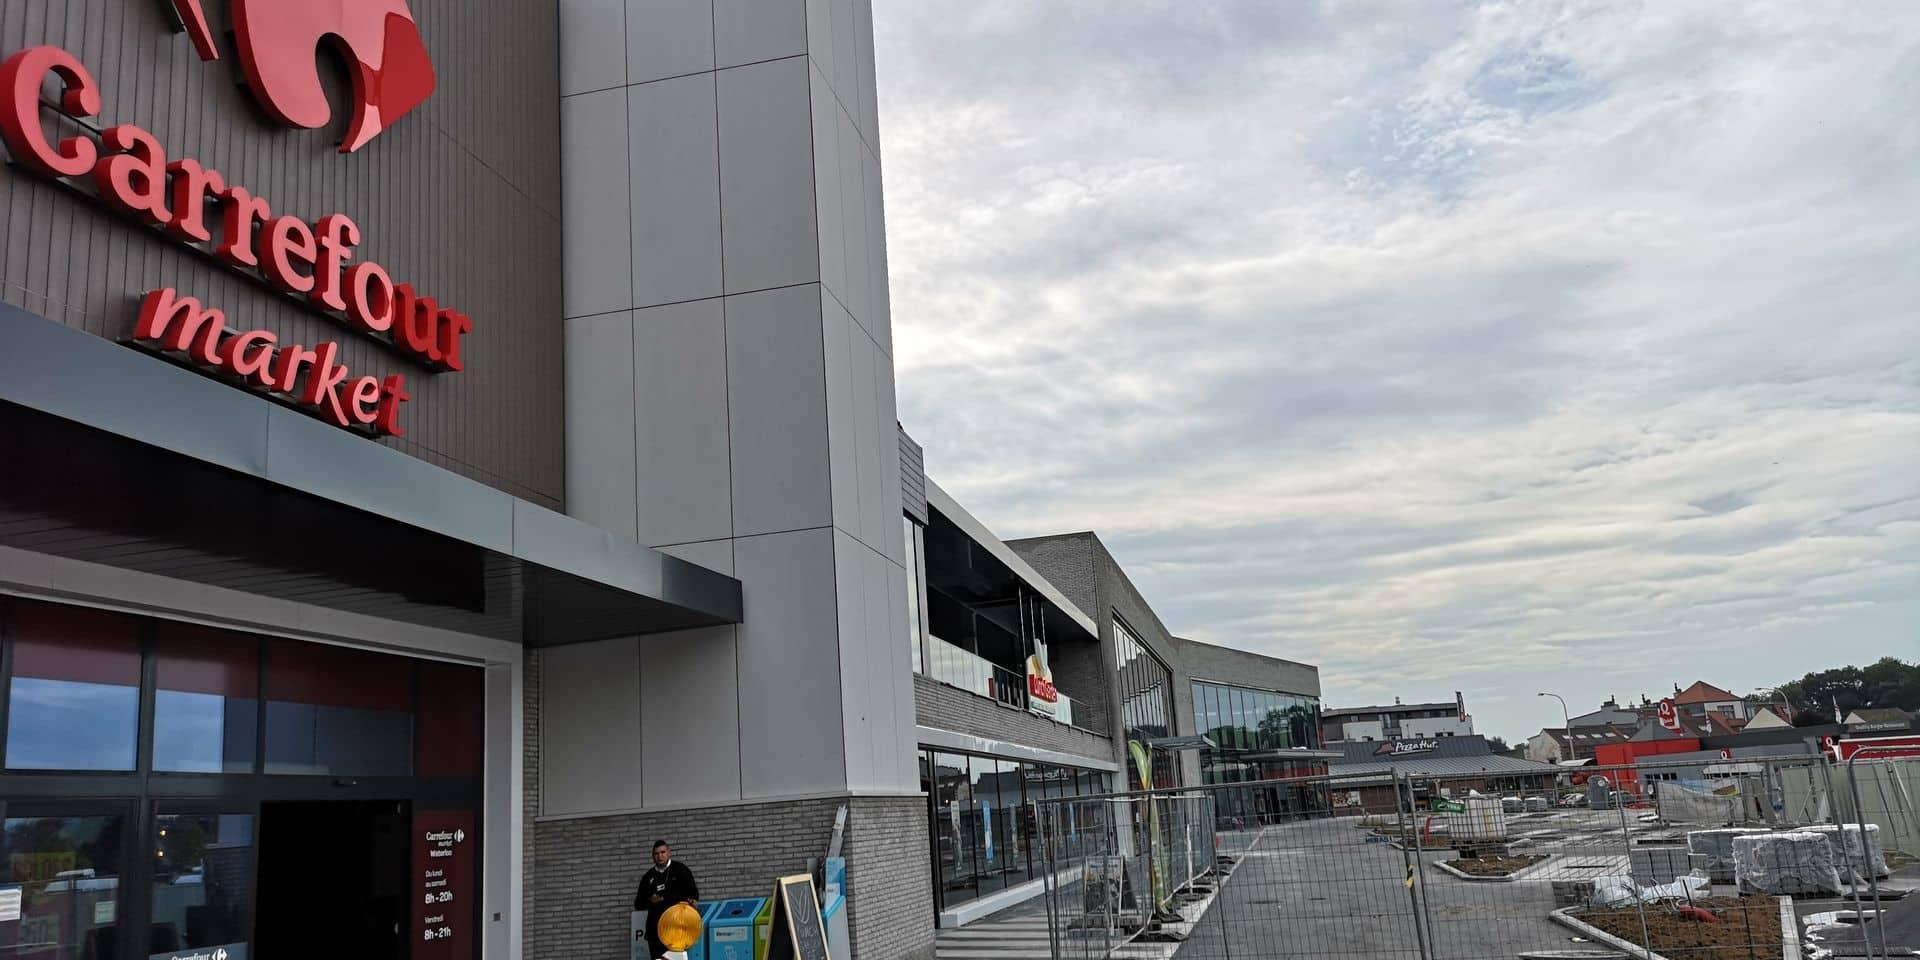 Waterloo : A.S. Adventure, Delcambe et un cross-fit arrivent sur le site Carrefour du centre